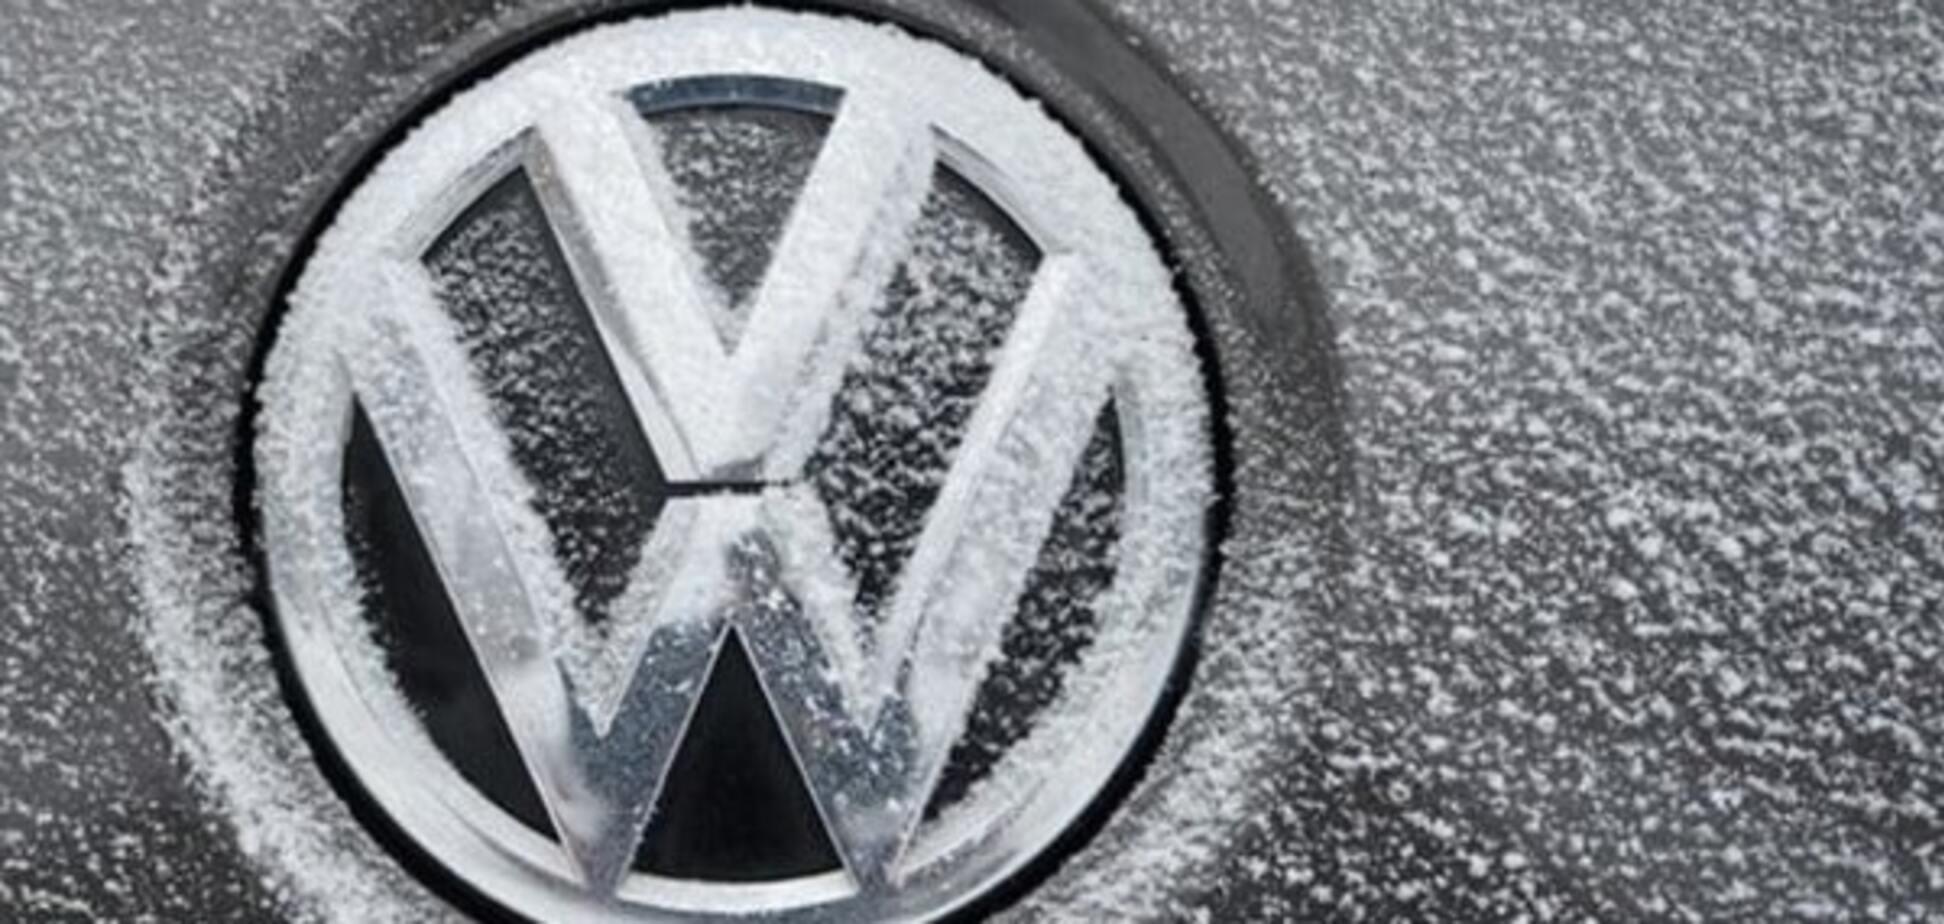 """Тысячи европейских автолюбителей хотят """"засудить"""" концерн Volkswagen. Источник: dw.com"""